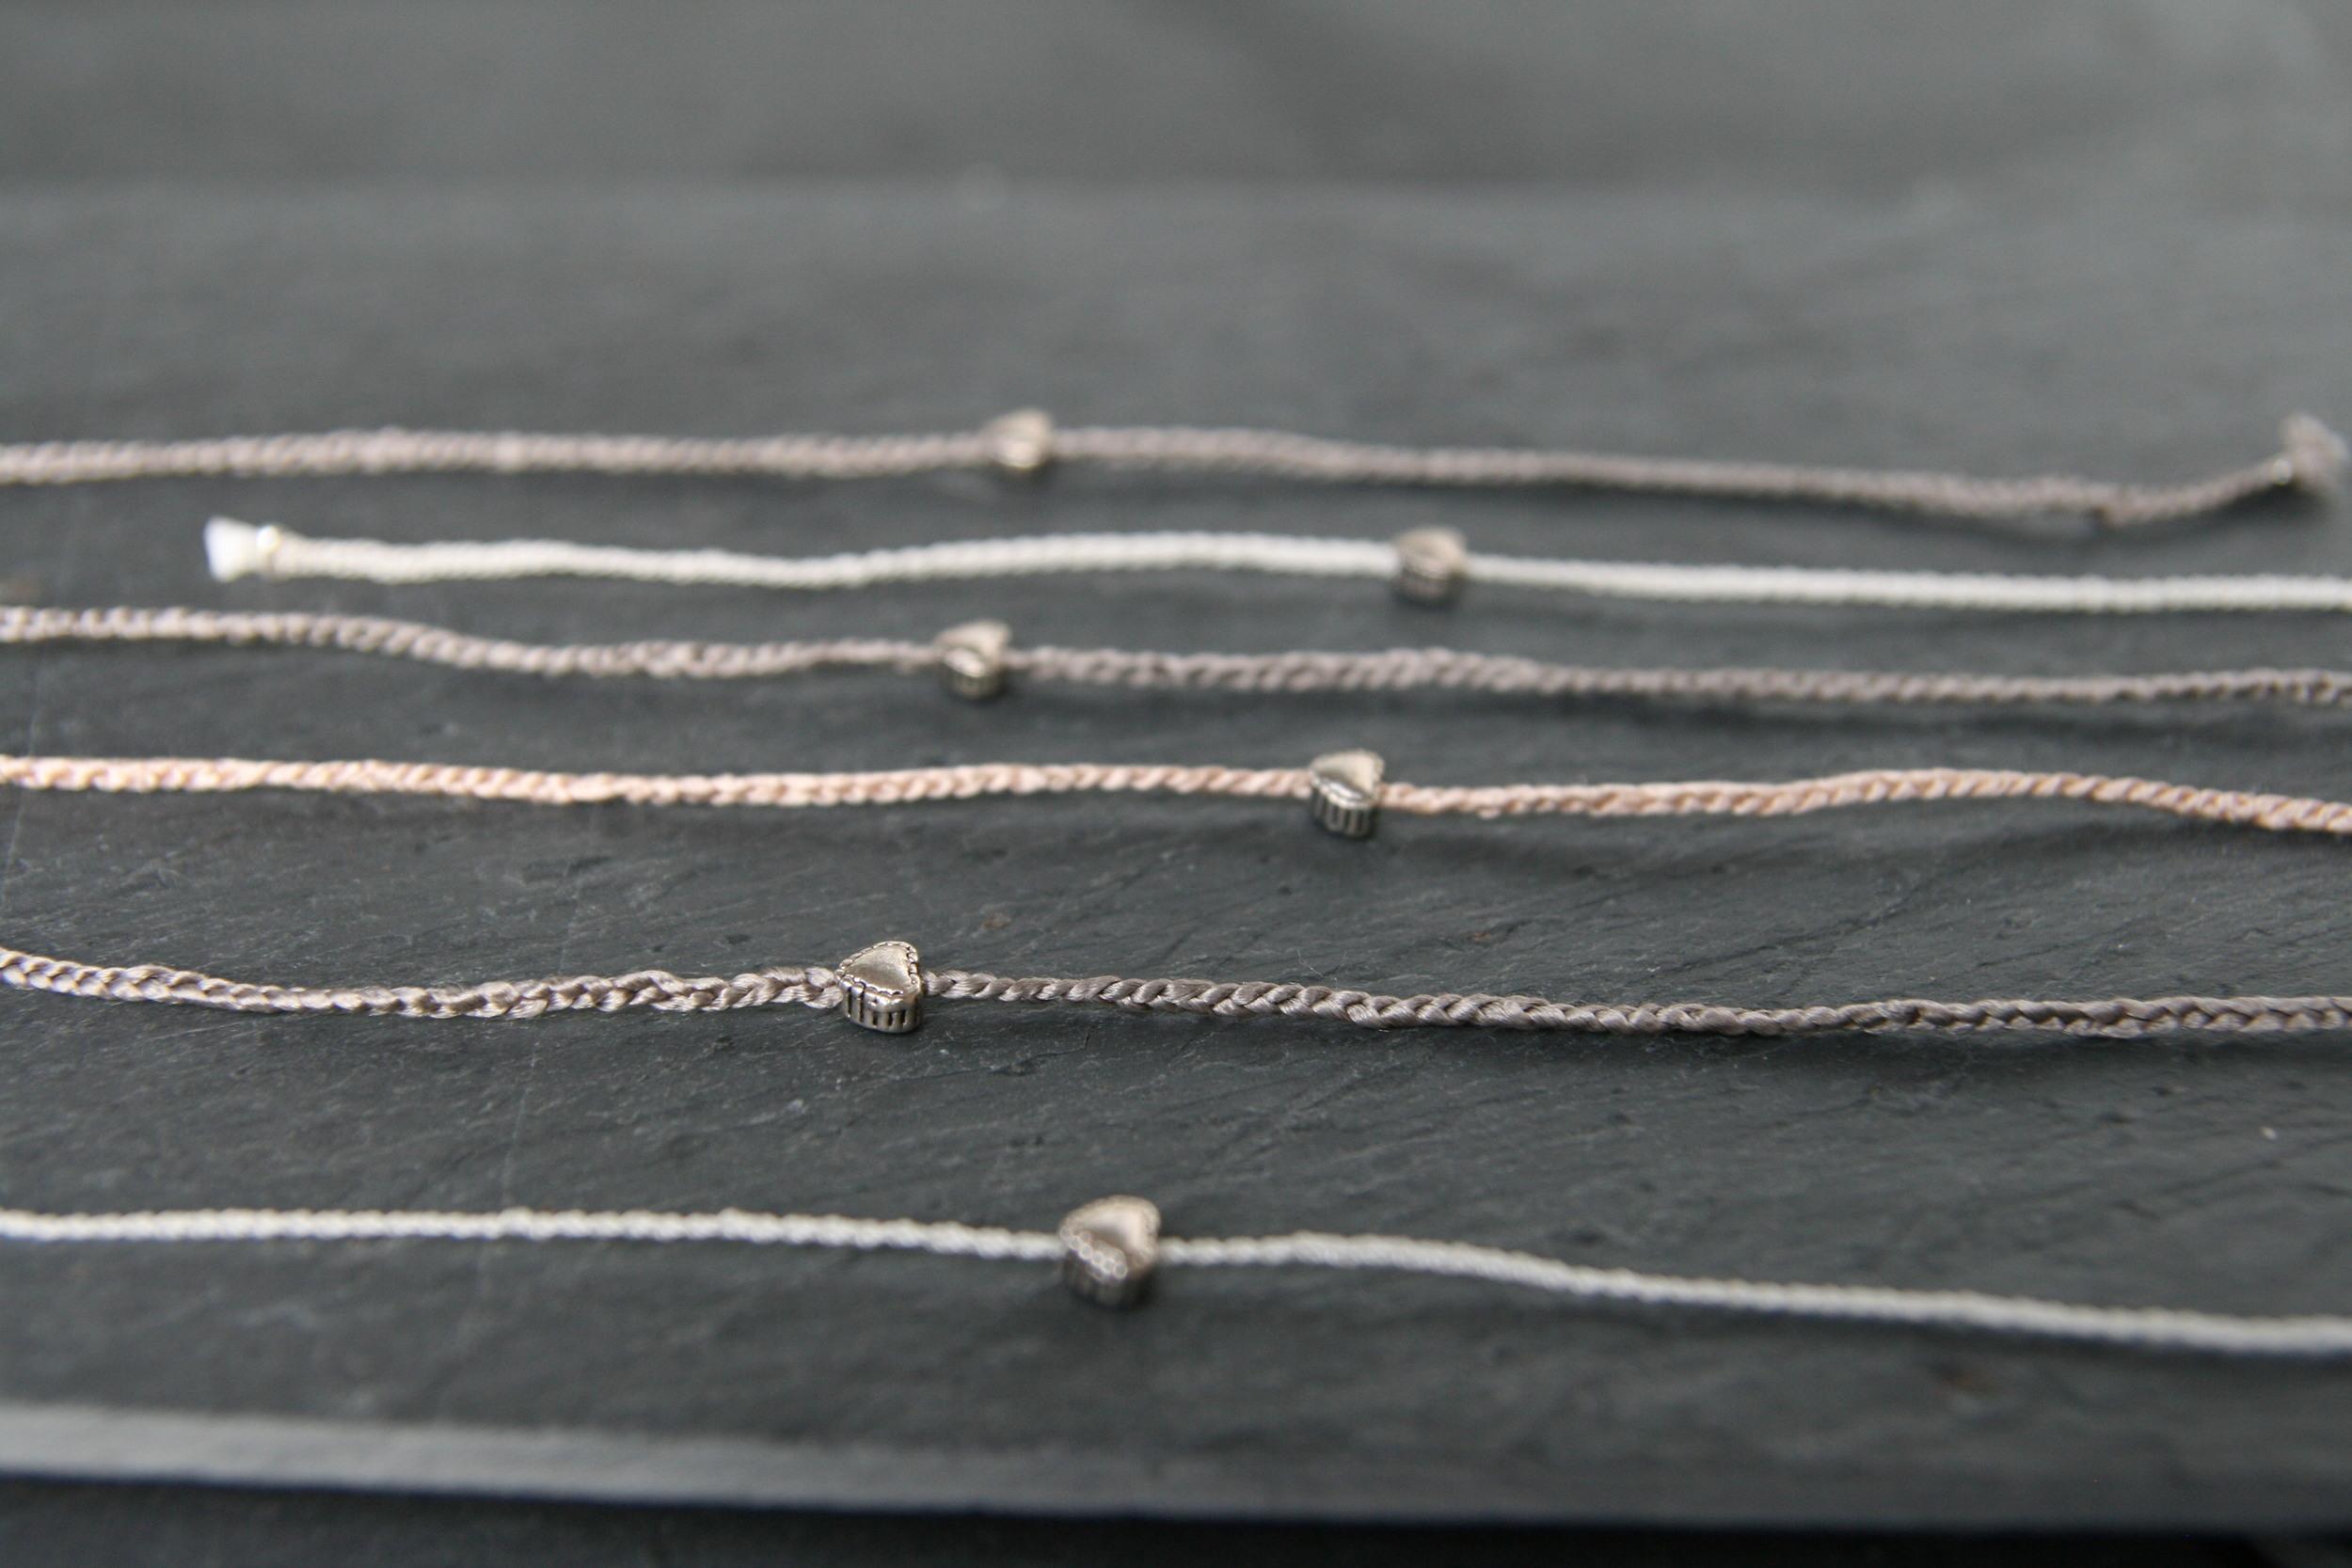 SUMMER LOVE  Geflochtene Perlseide mit kleinem silbernem Herz zum Knoten. Herz: ca. 4mm; Band in den Farben rosé, weiß und taupe erhältlich.  15€   BESTELLEN >>